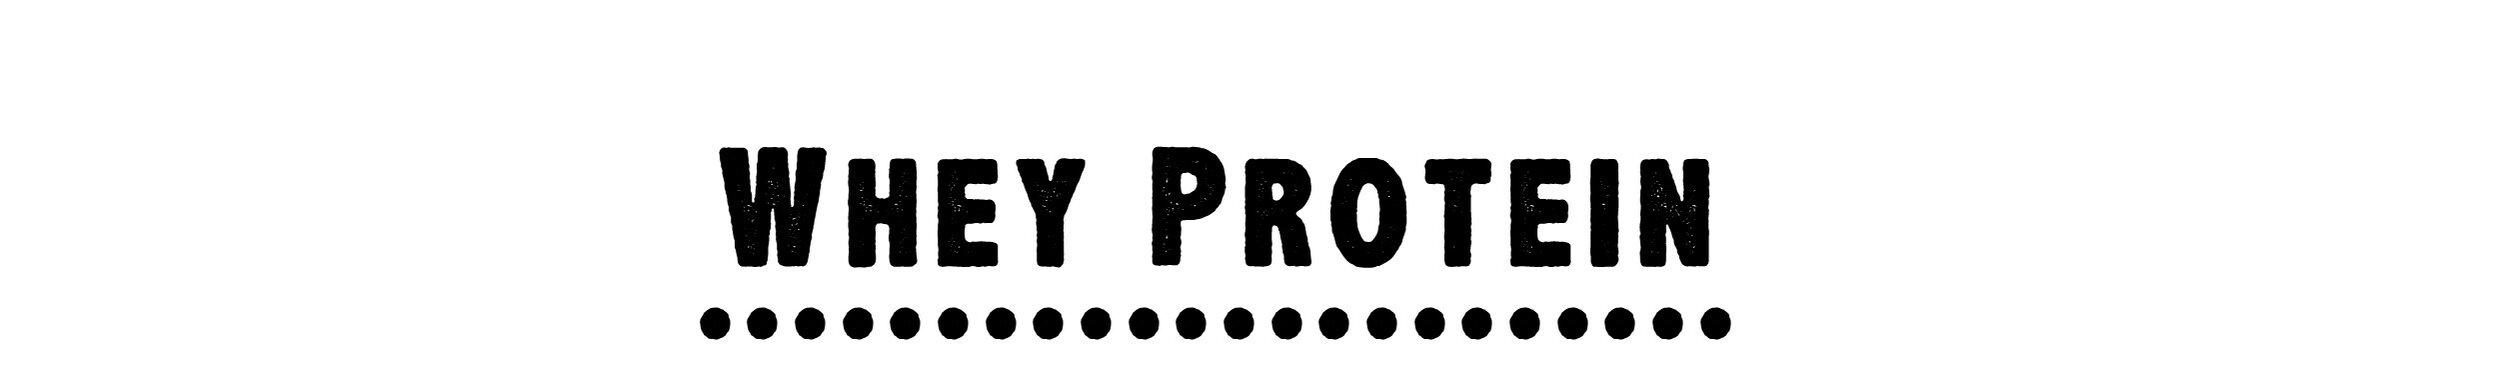 LMPP Built Protein.jpg